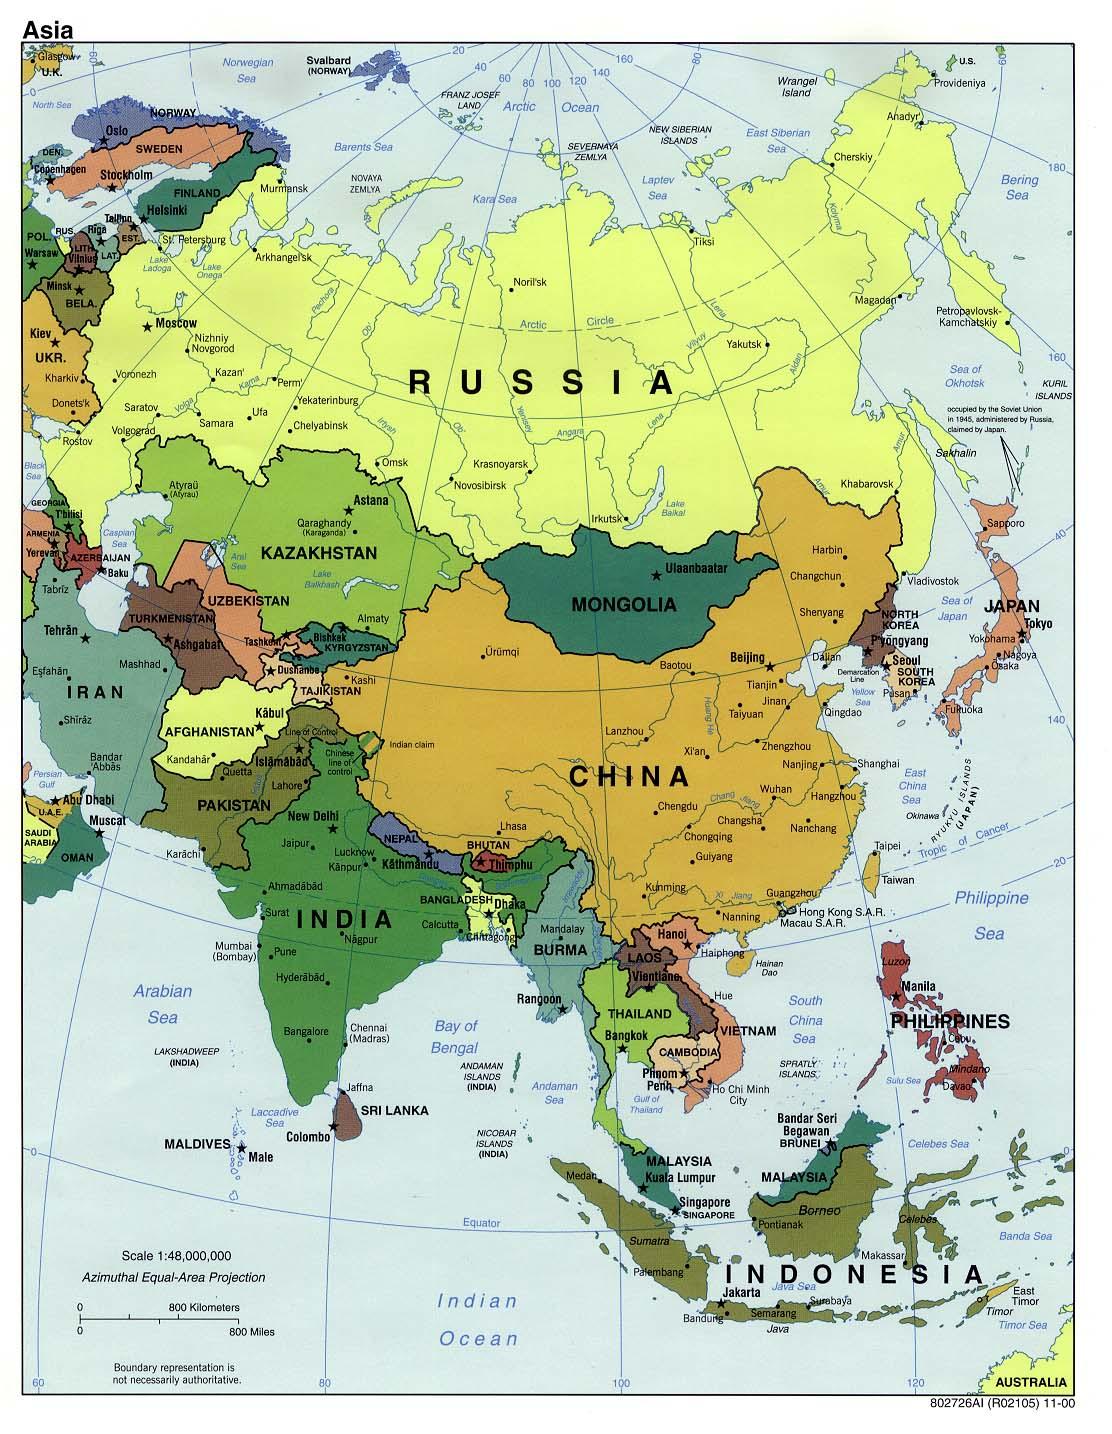 Politische Karte Asien.Karte Asien Politische Karte Weltkarte Com Karten Und